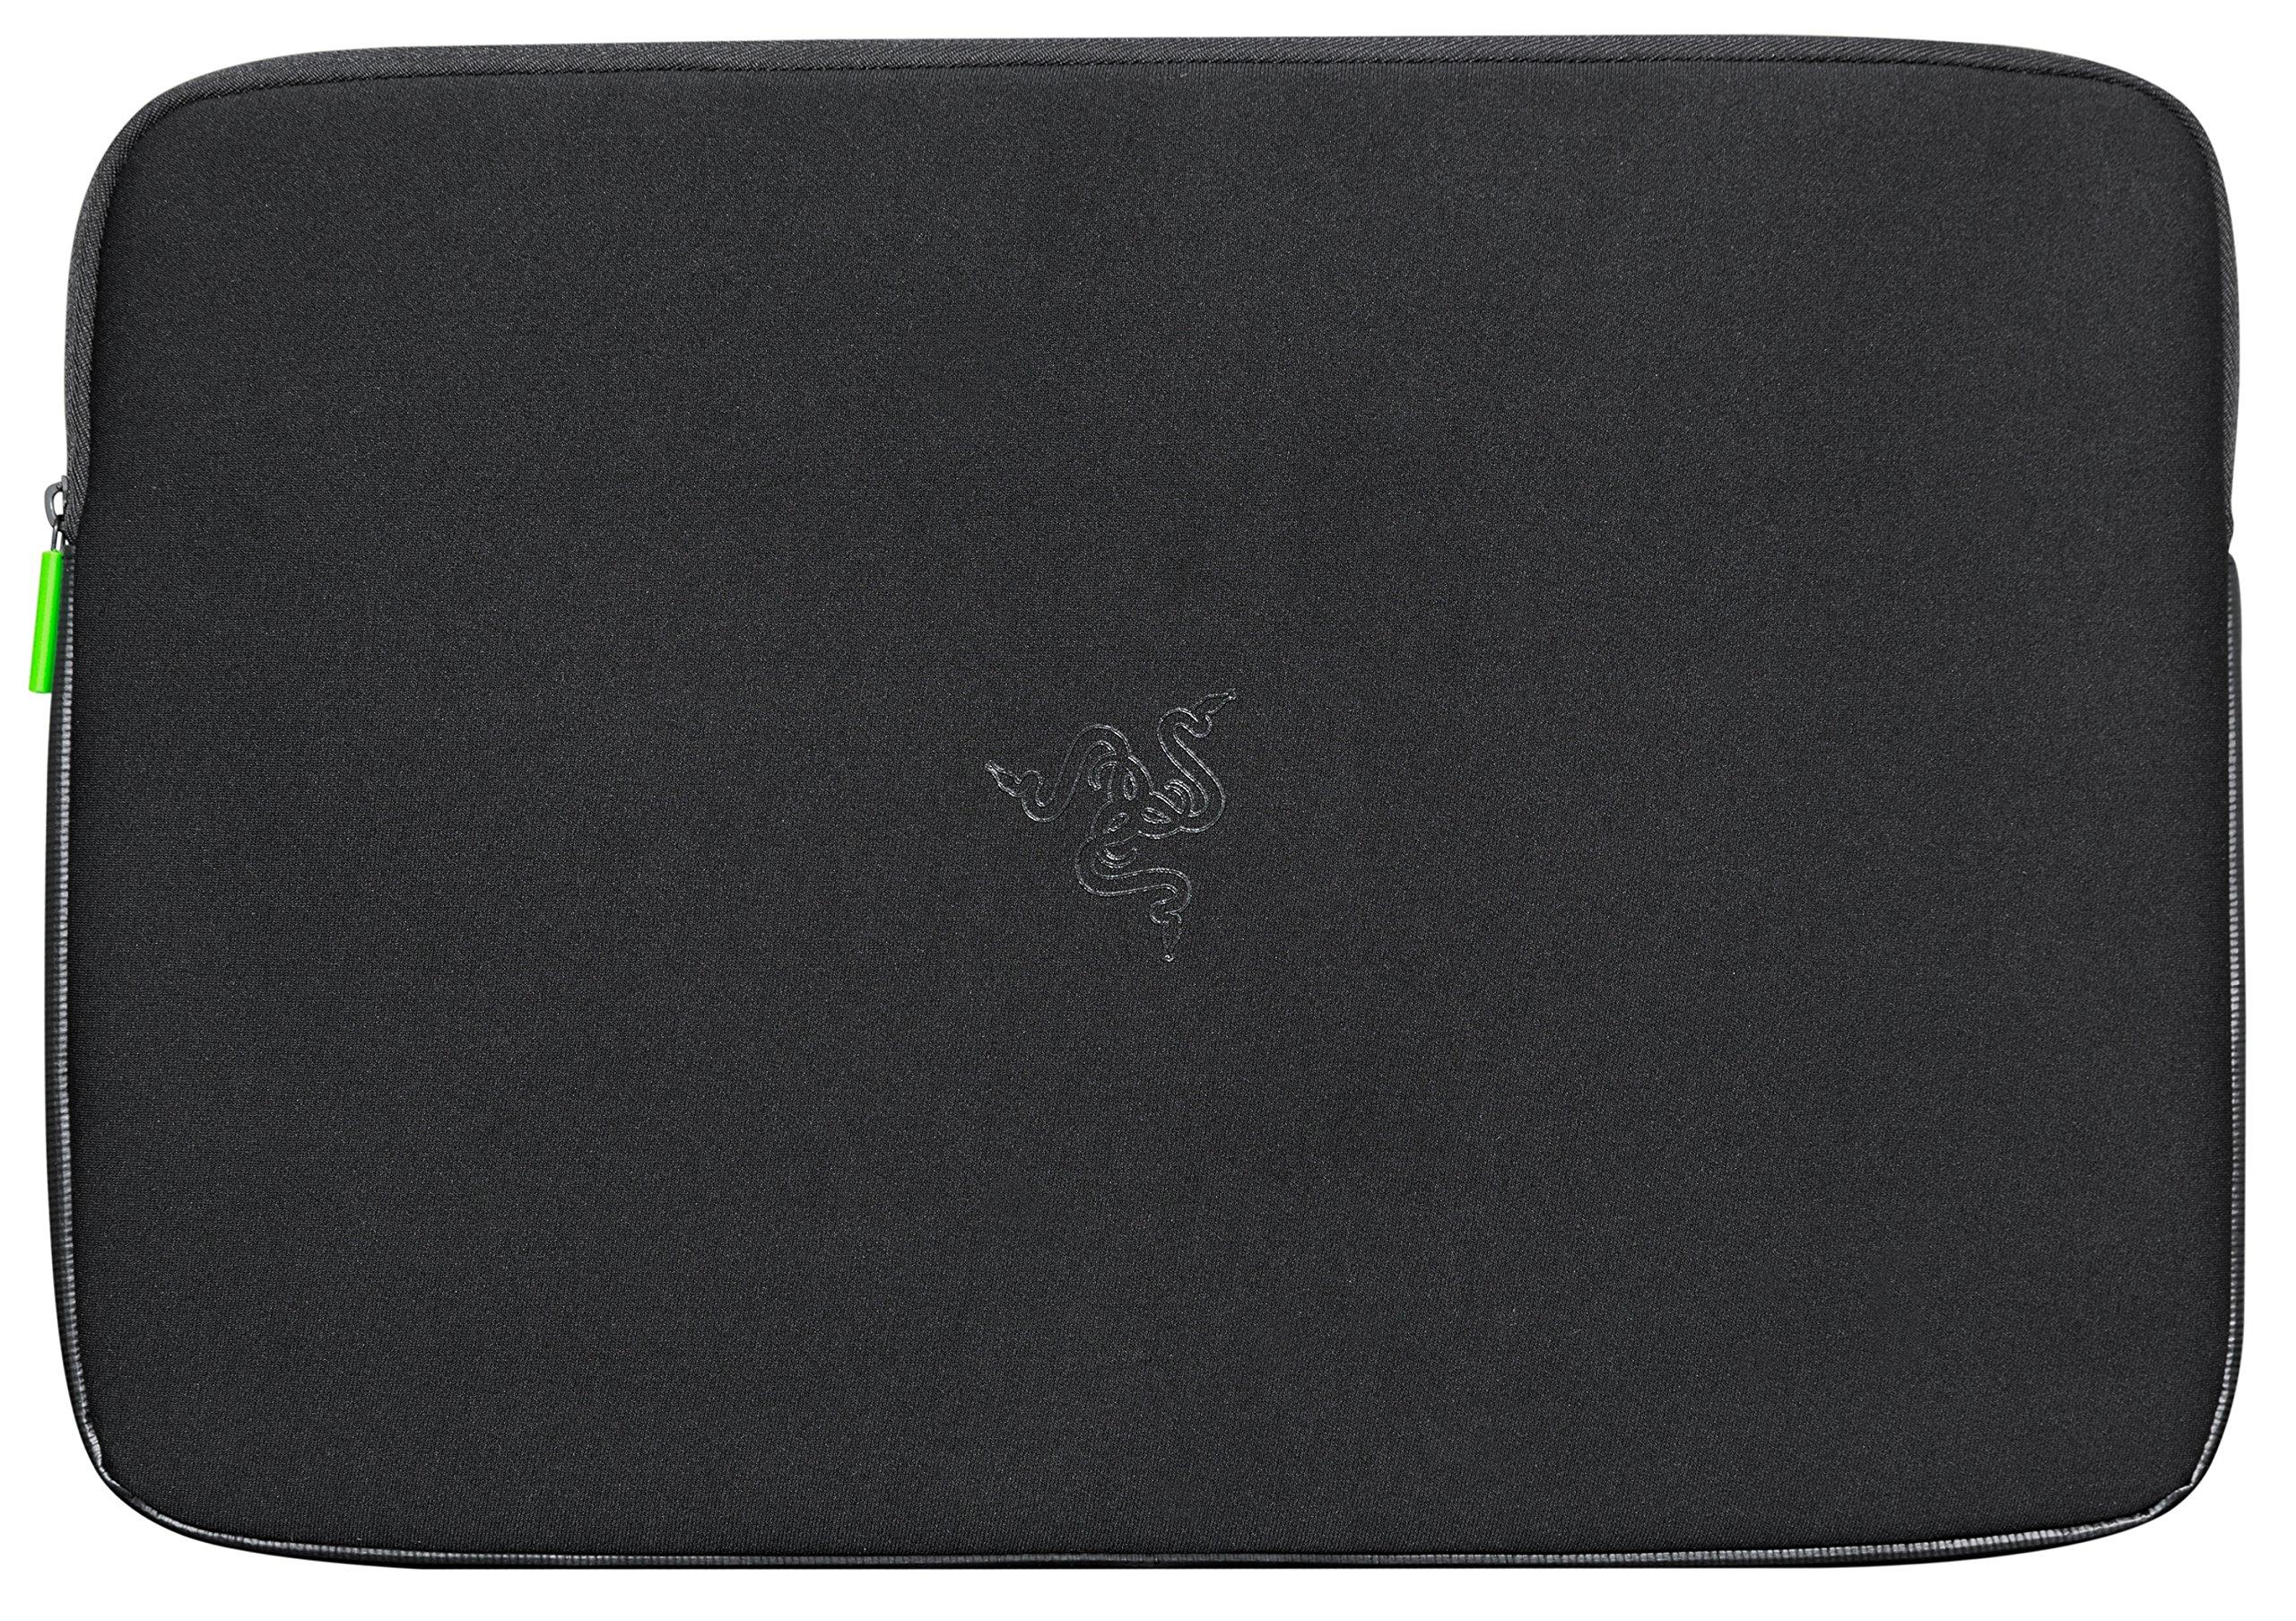 Razer 17-inch Blade Nylon Sleeve